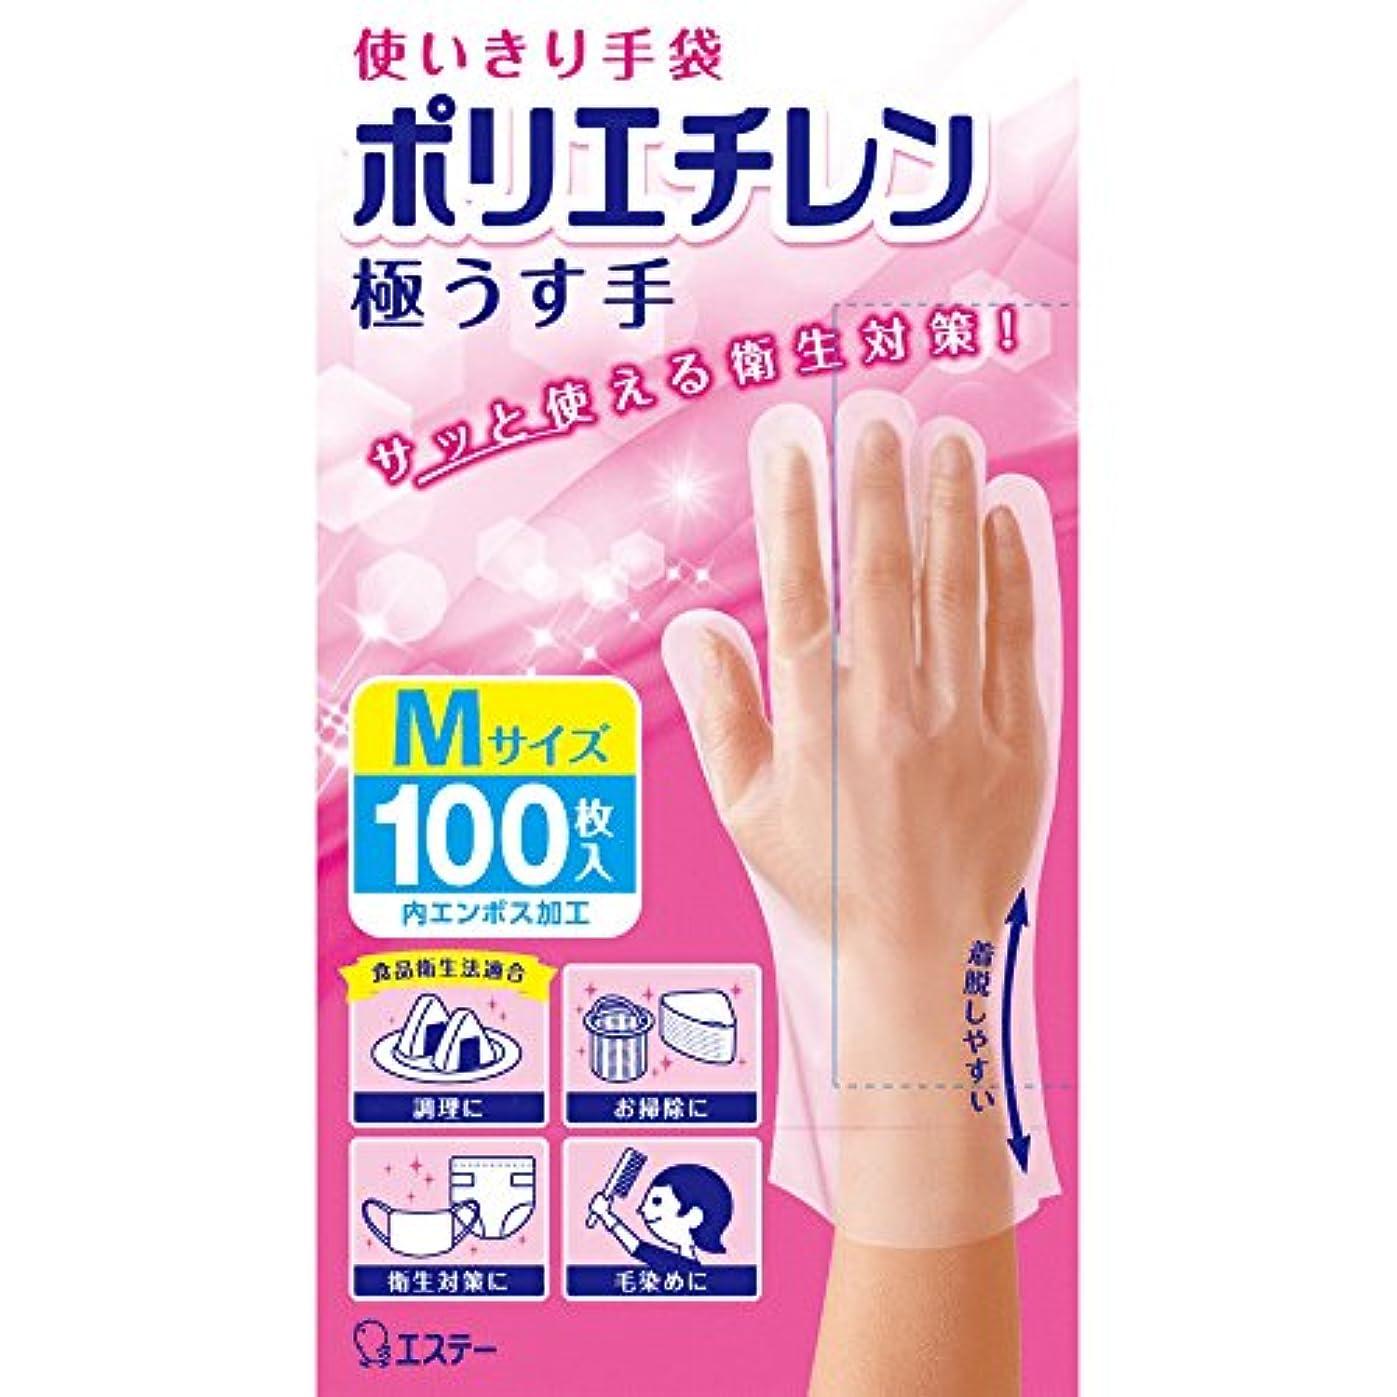 蓋ラウズだらしない使いきり手袋 ポリエチレン 極うす手 Mサイズ 半透明 100枚 使い捨て 食品衛生法適合